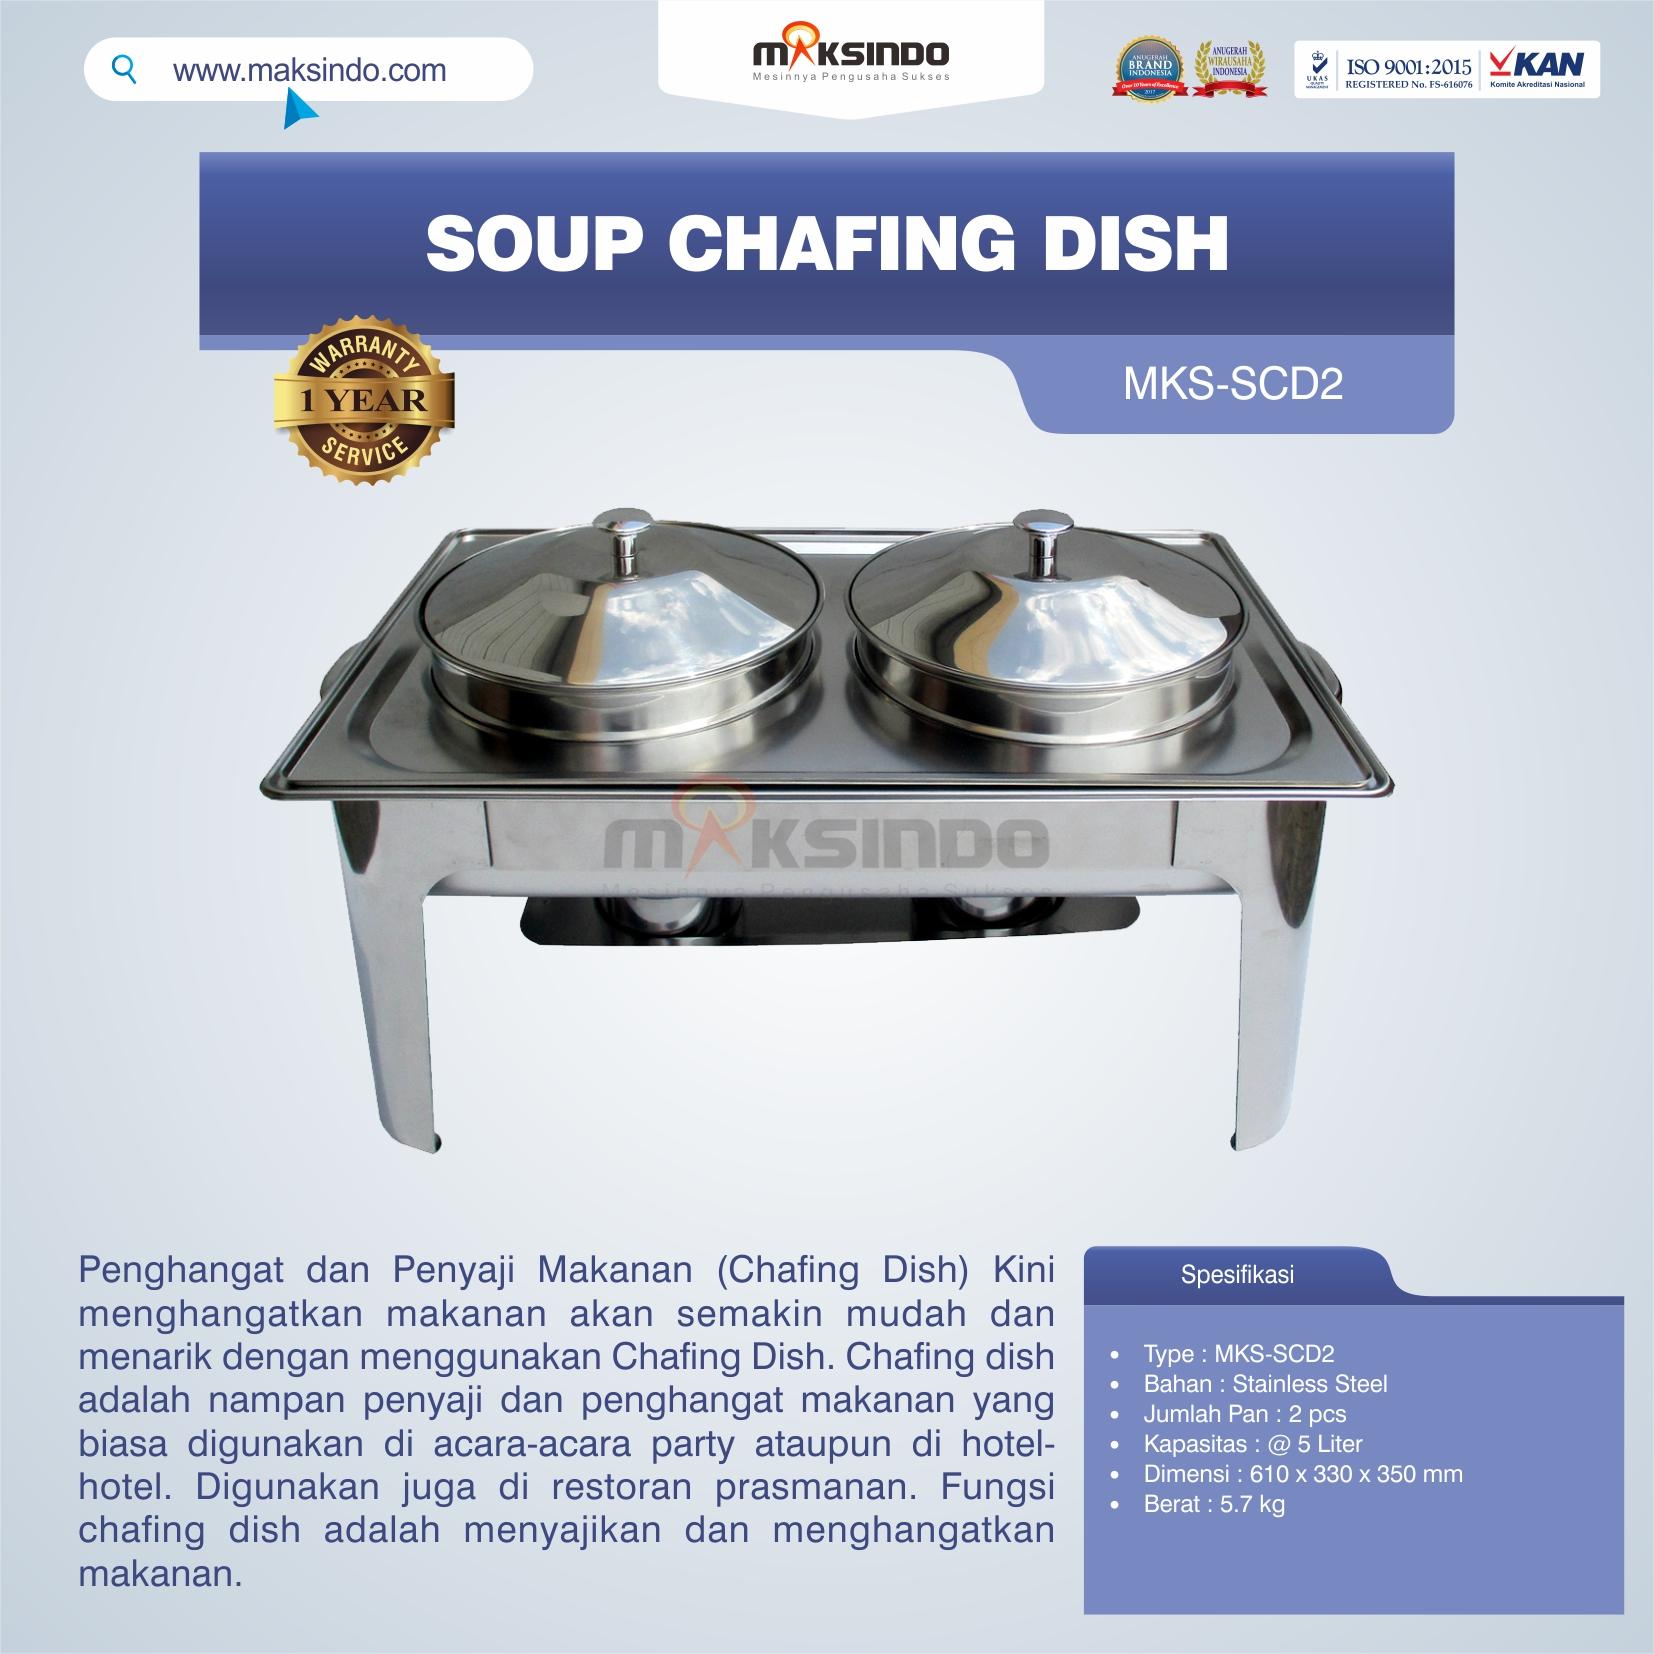 Jual Soup Chafing Dish MKS-SCD2 di Jakarta